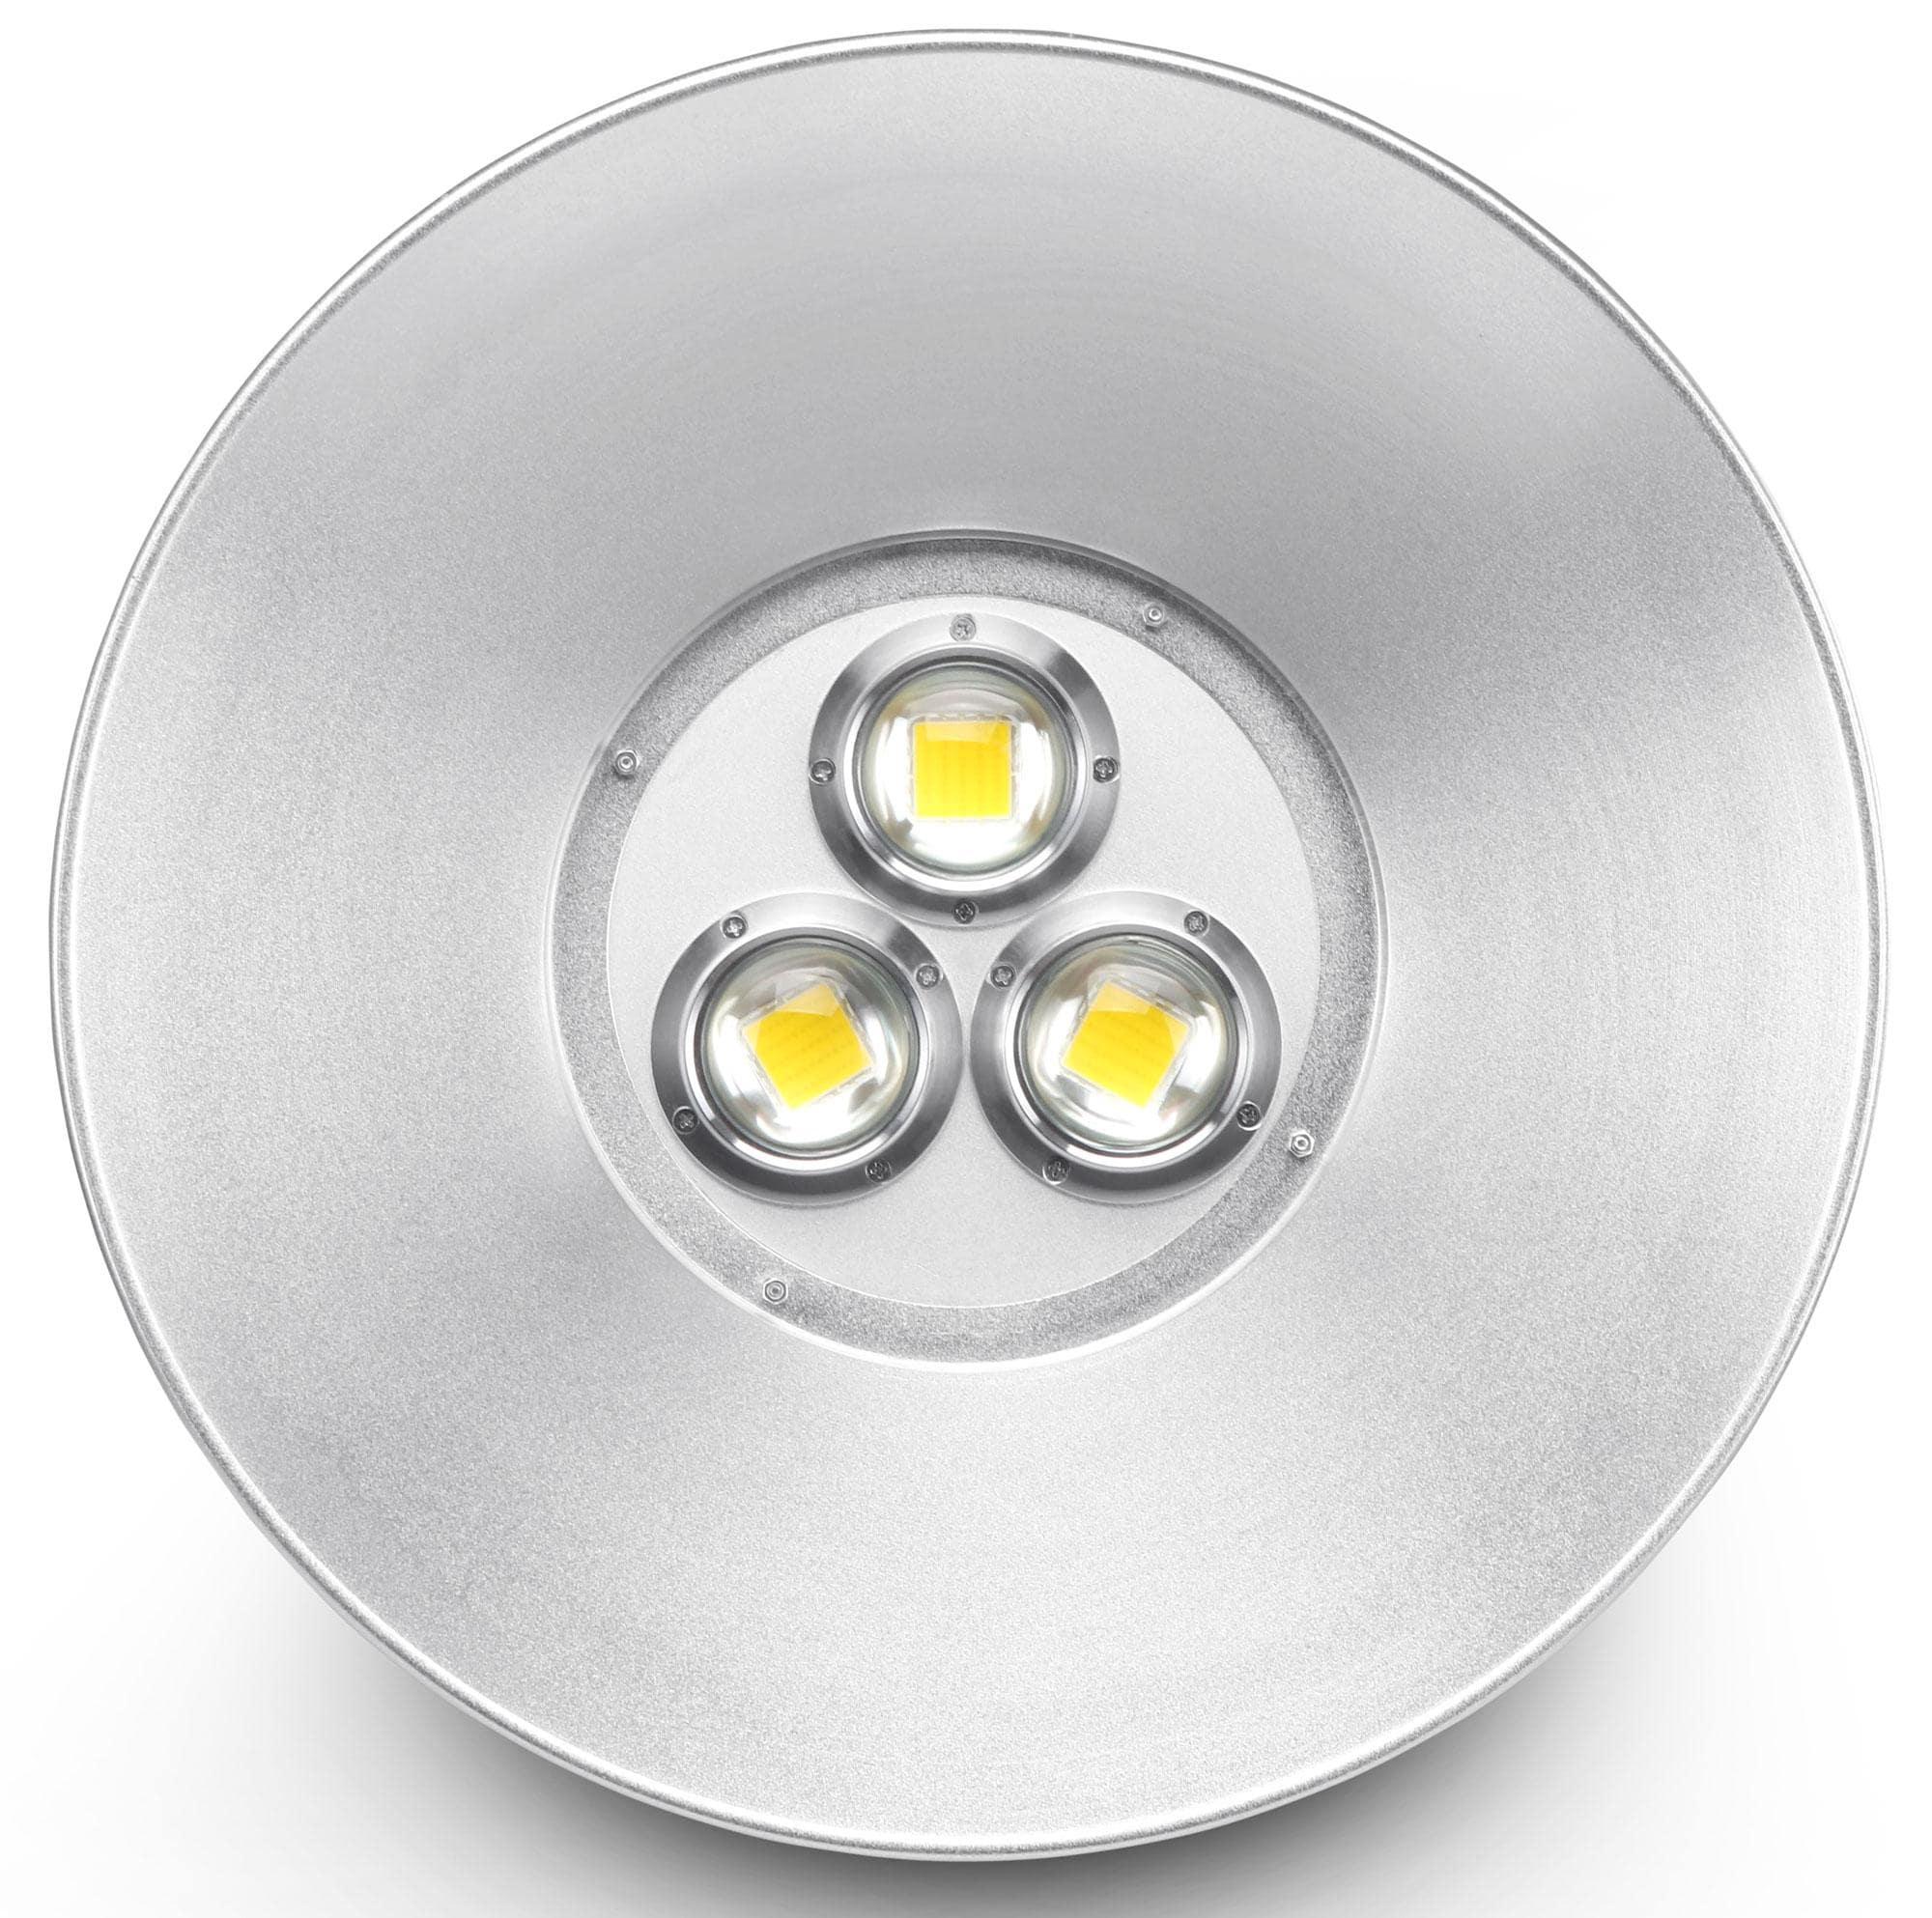 2708ec7297e75874a67c076fa80e0_3 Wunderschöne Led Lampen 100 Watt Dekorationen